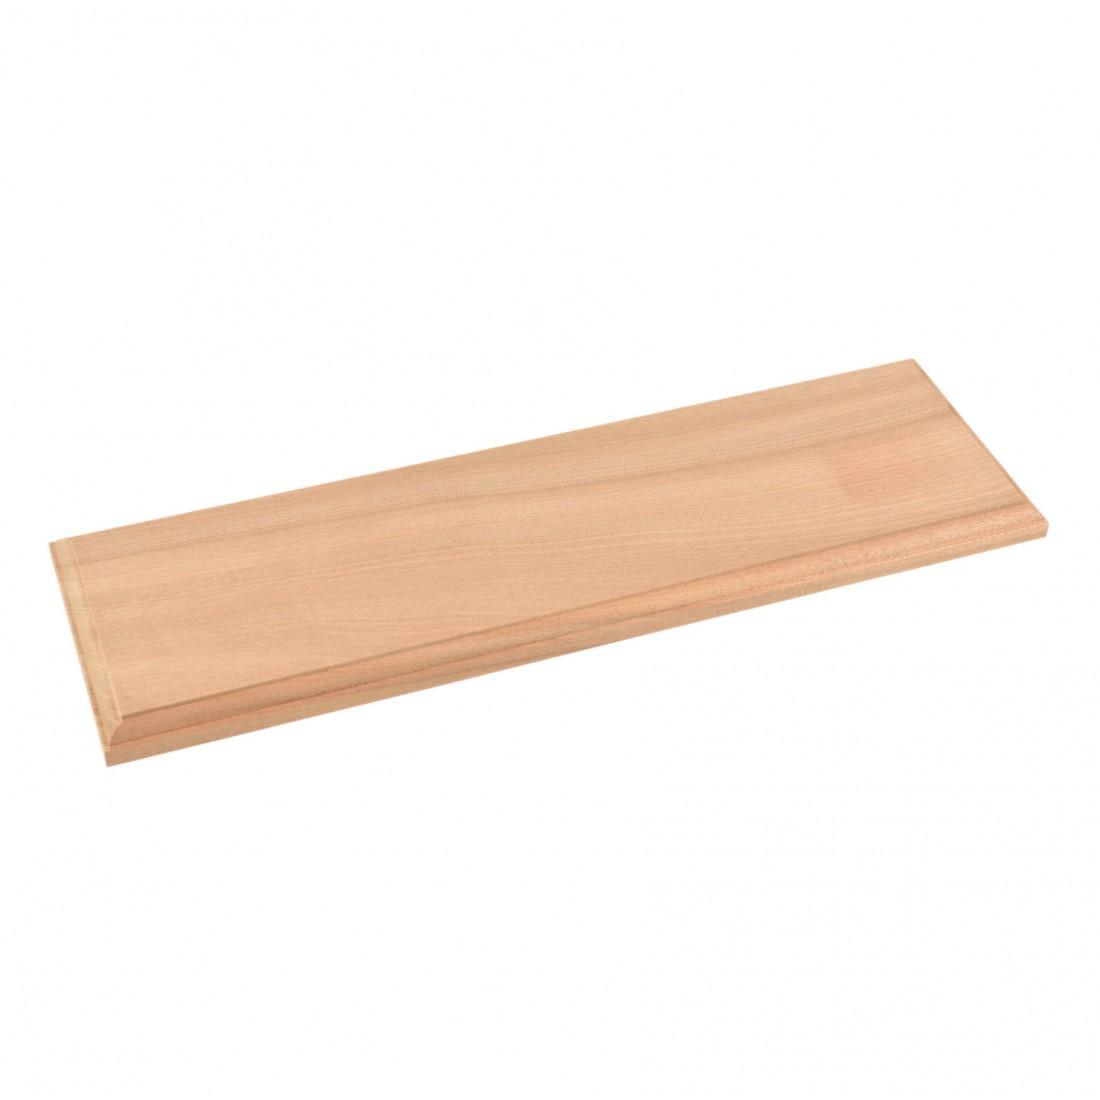 Basamenti legno naturale cm.50x15x2